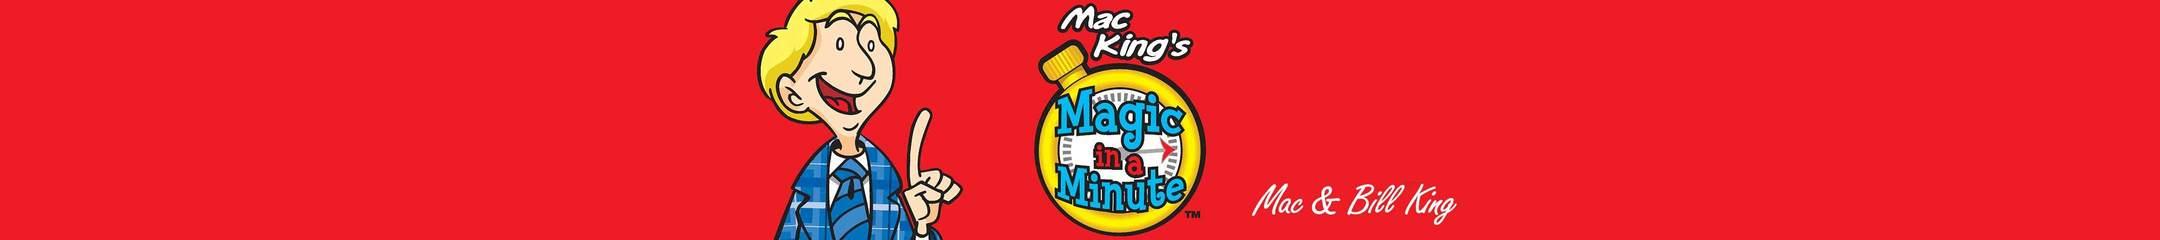 Magic in a Minute